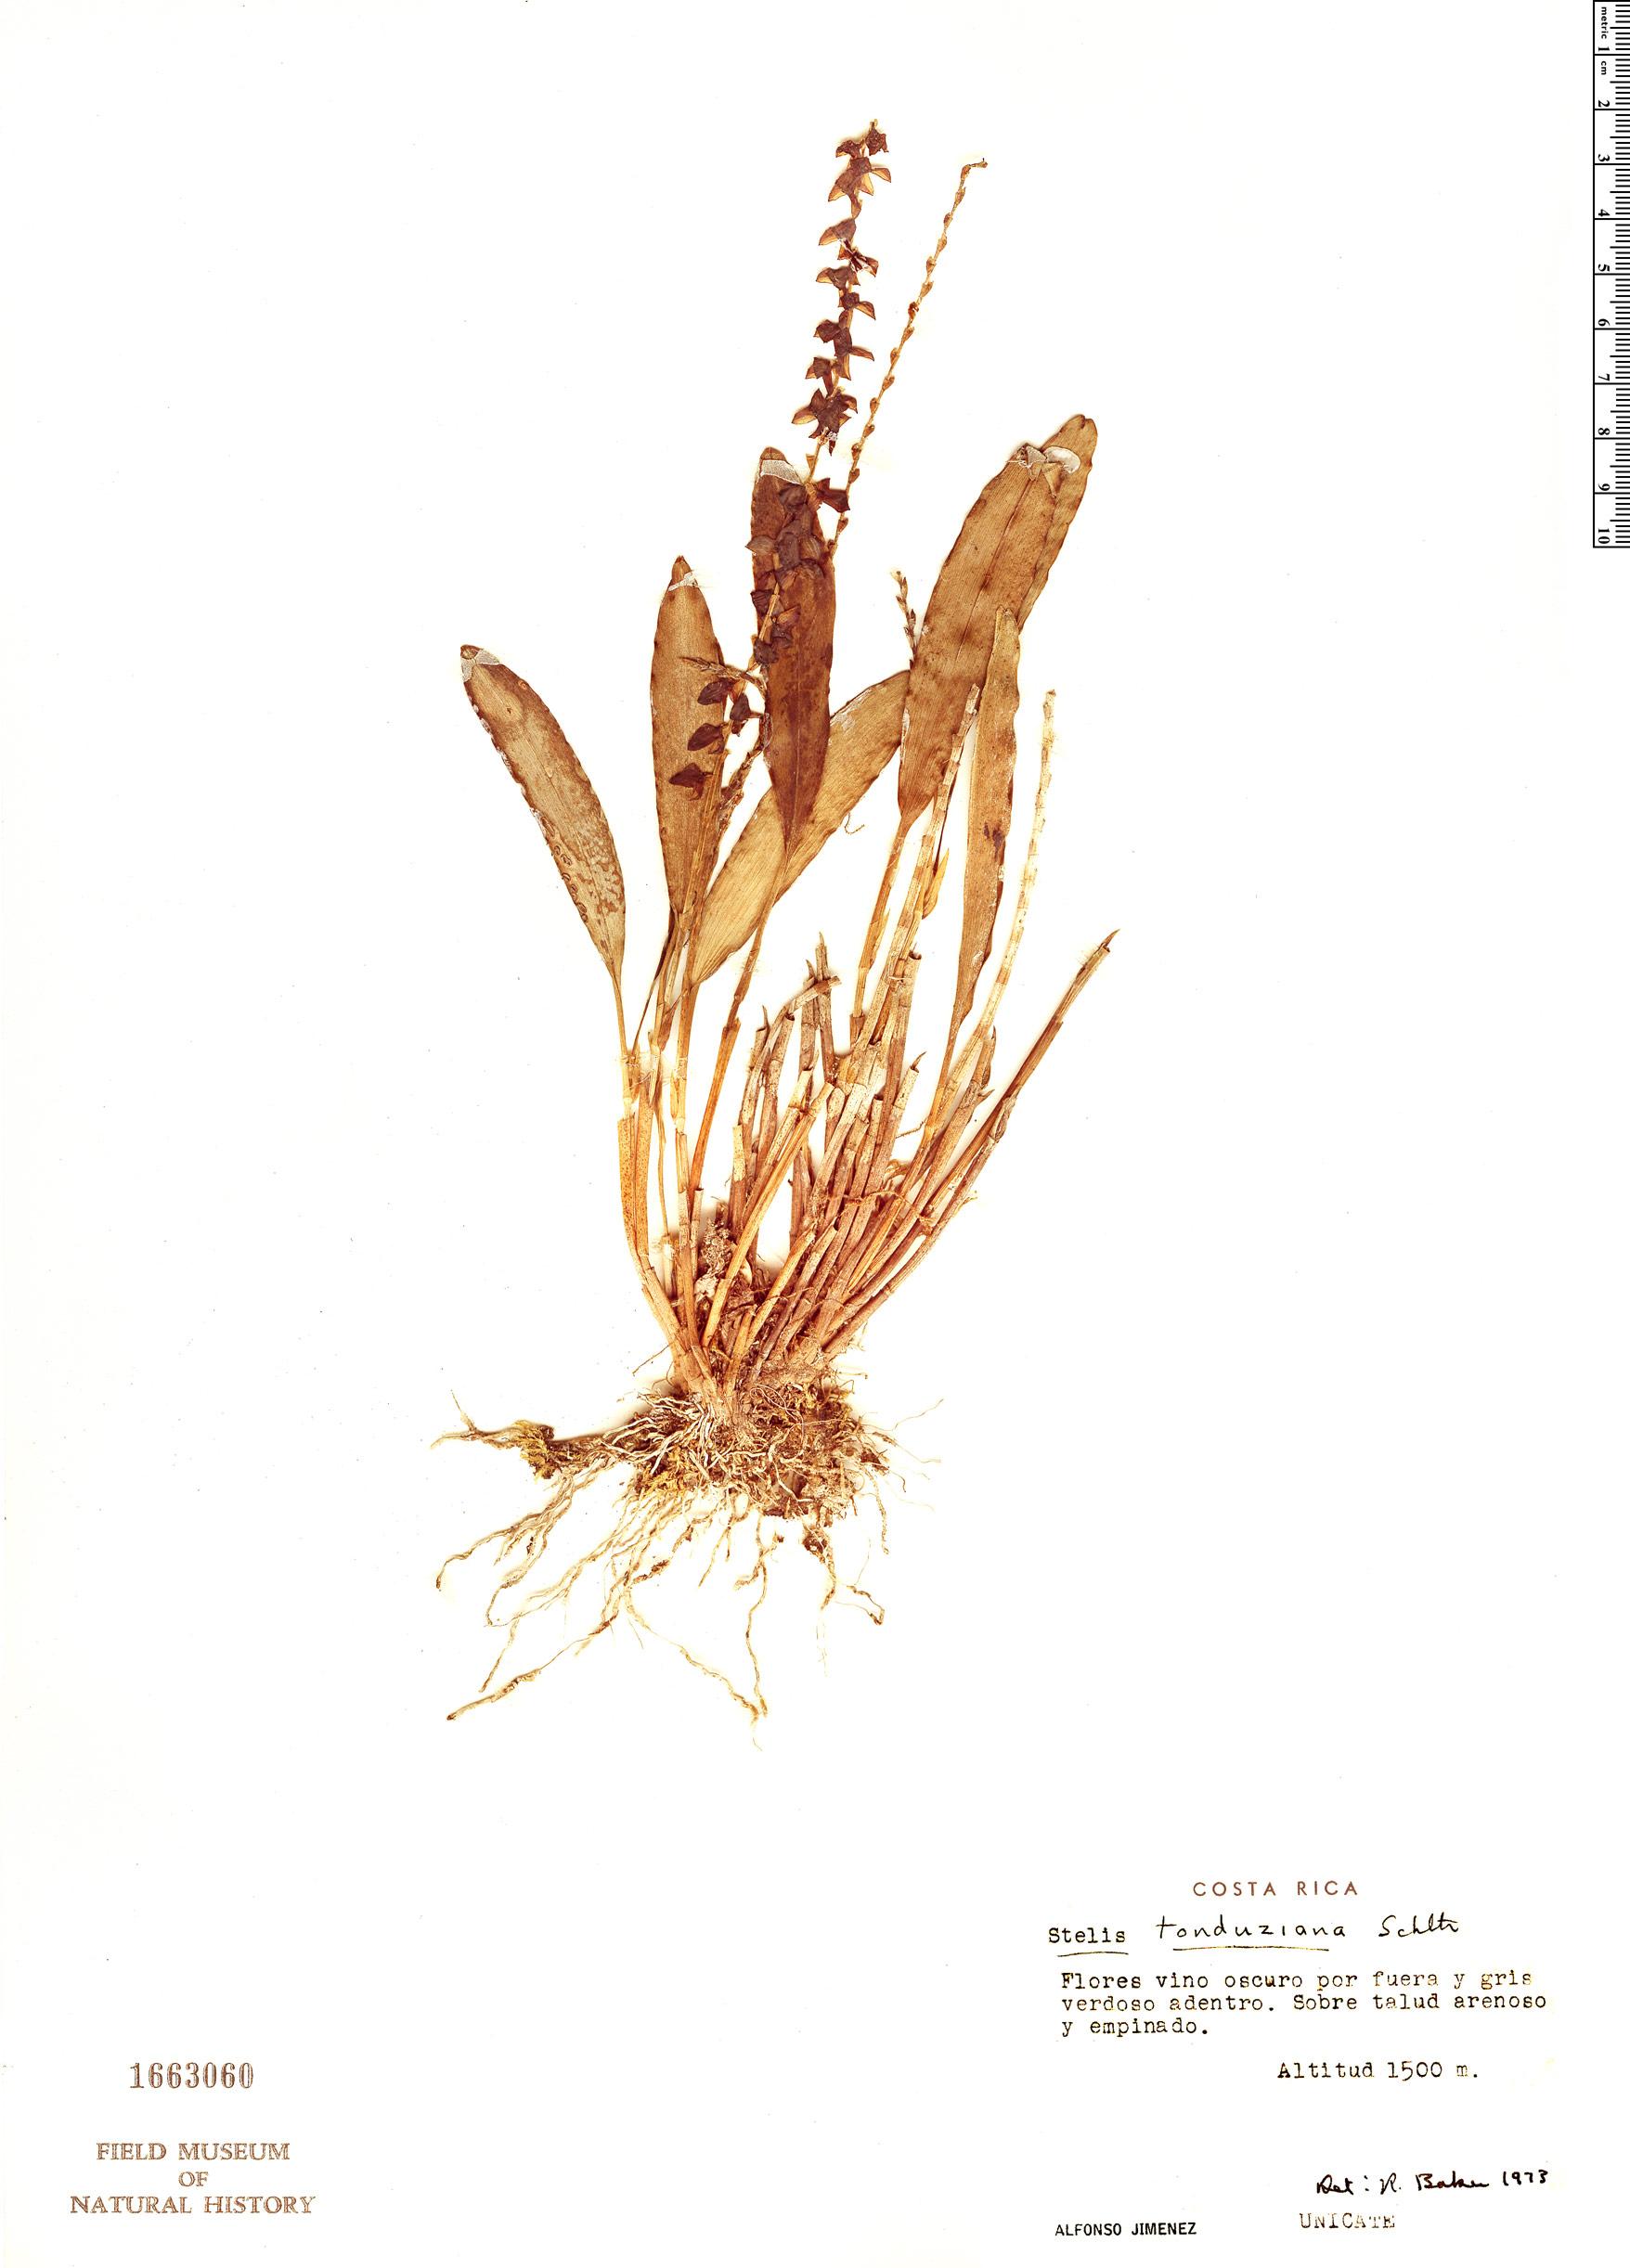 Espécimen: Stelis tonduziana